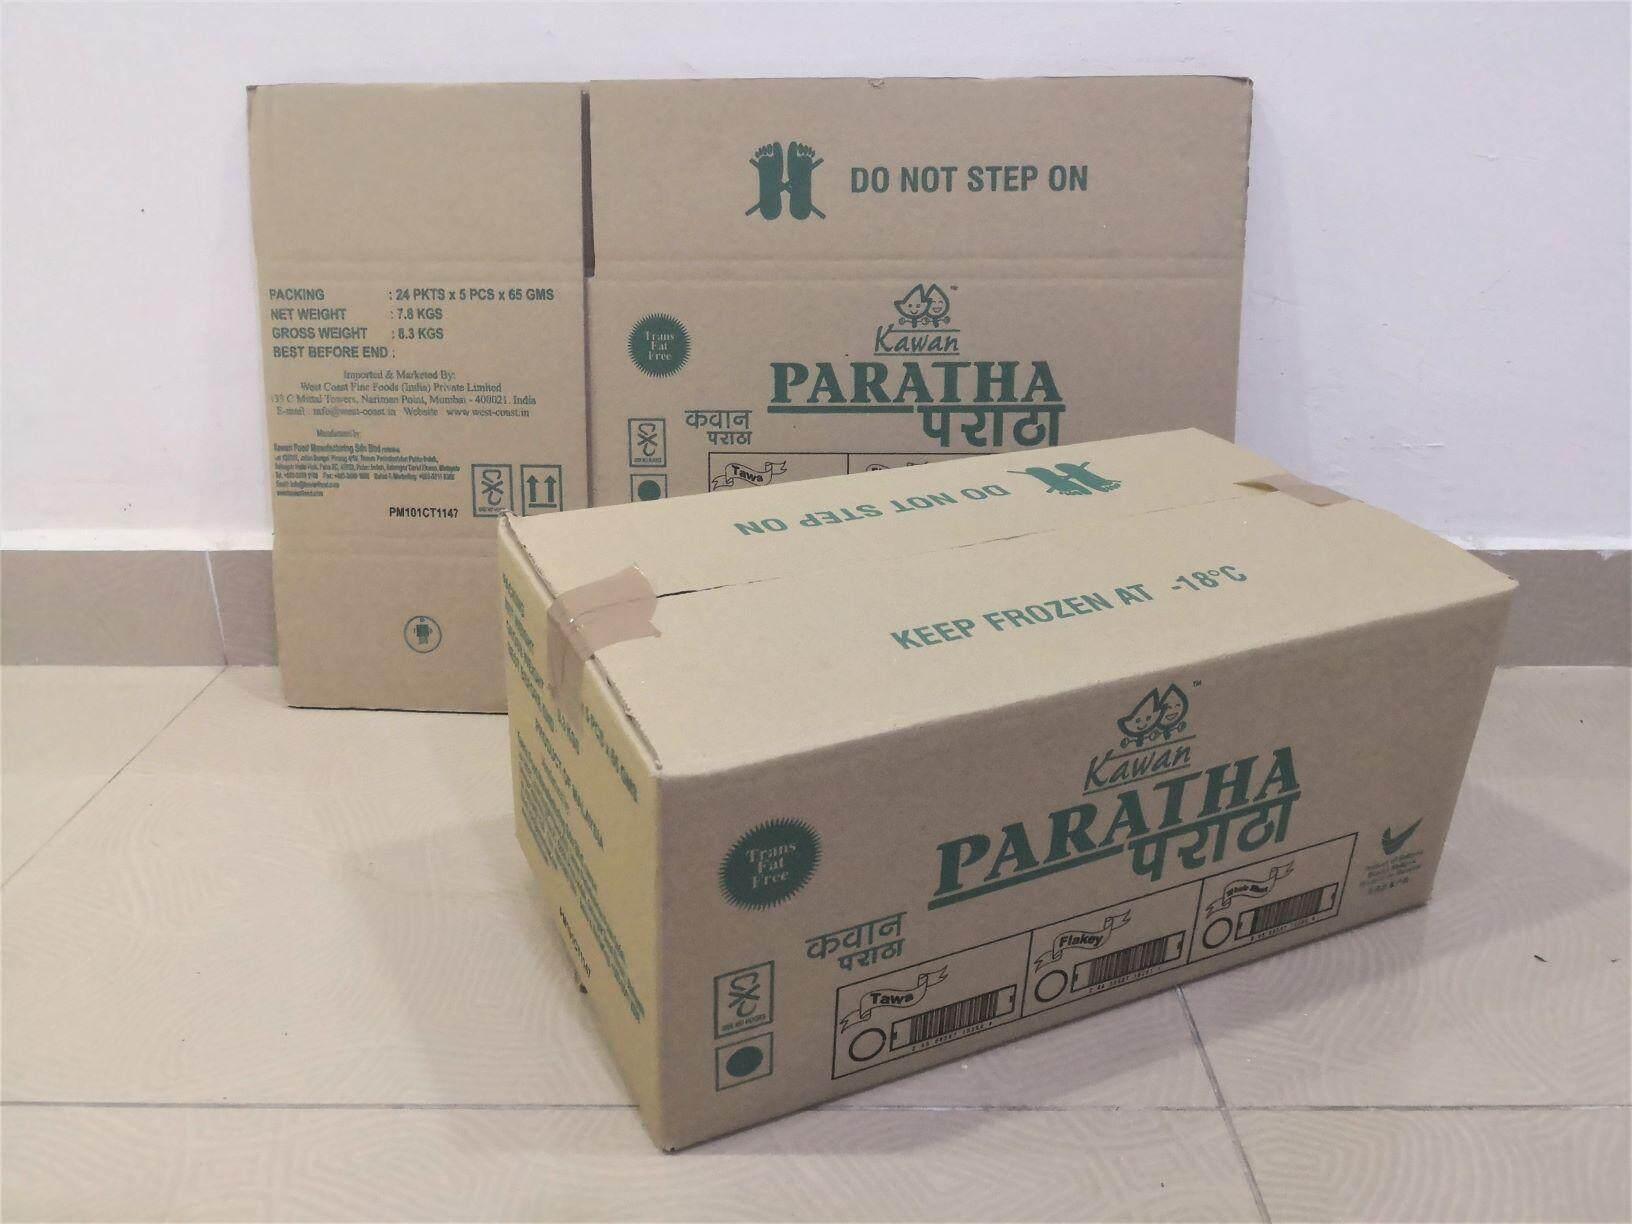 3pcs Printed Carton Boxes (L407 X W218 X H180mm)